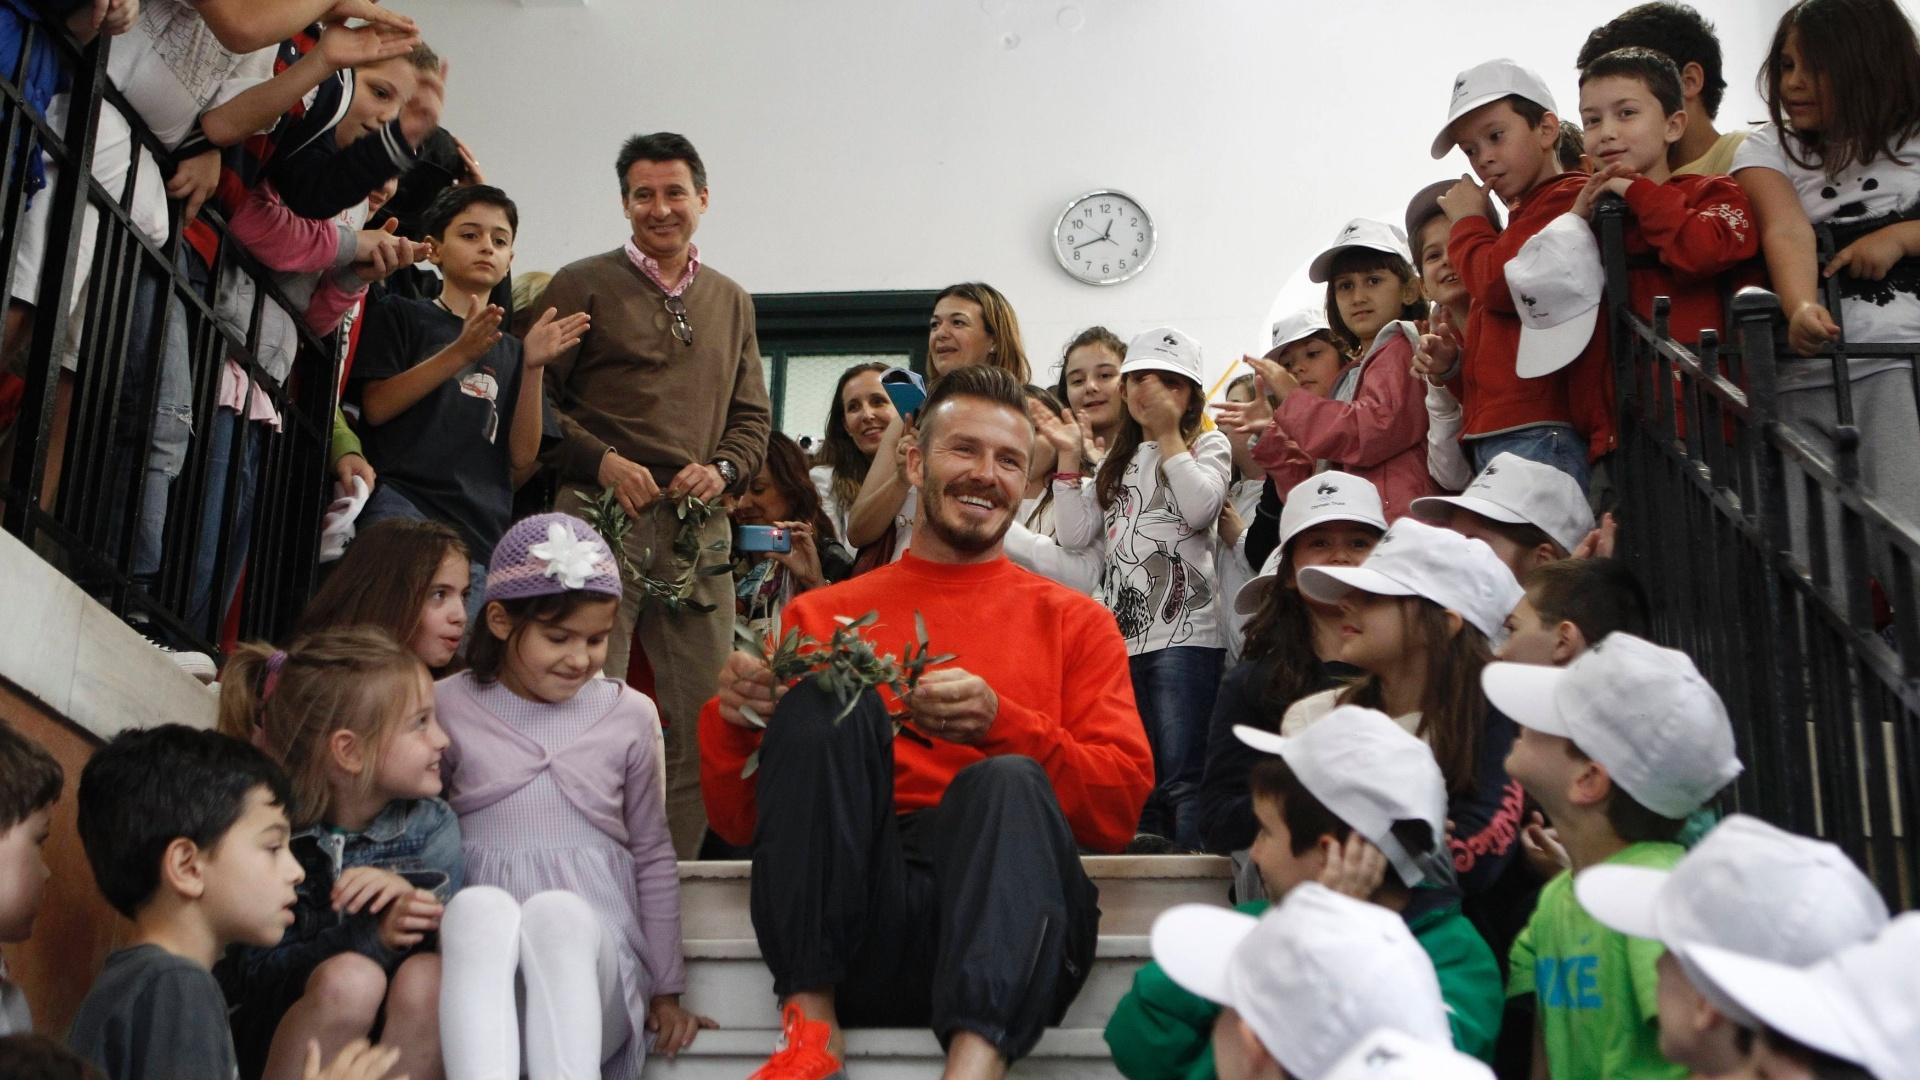 David Beckham visitou escola em Atenas, na Grécia, Jogador inglês irá conduzir o fogo olímpico dos Jogos de Londres